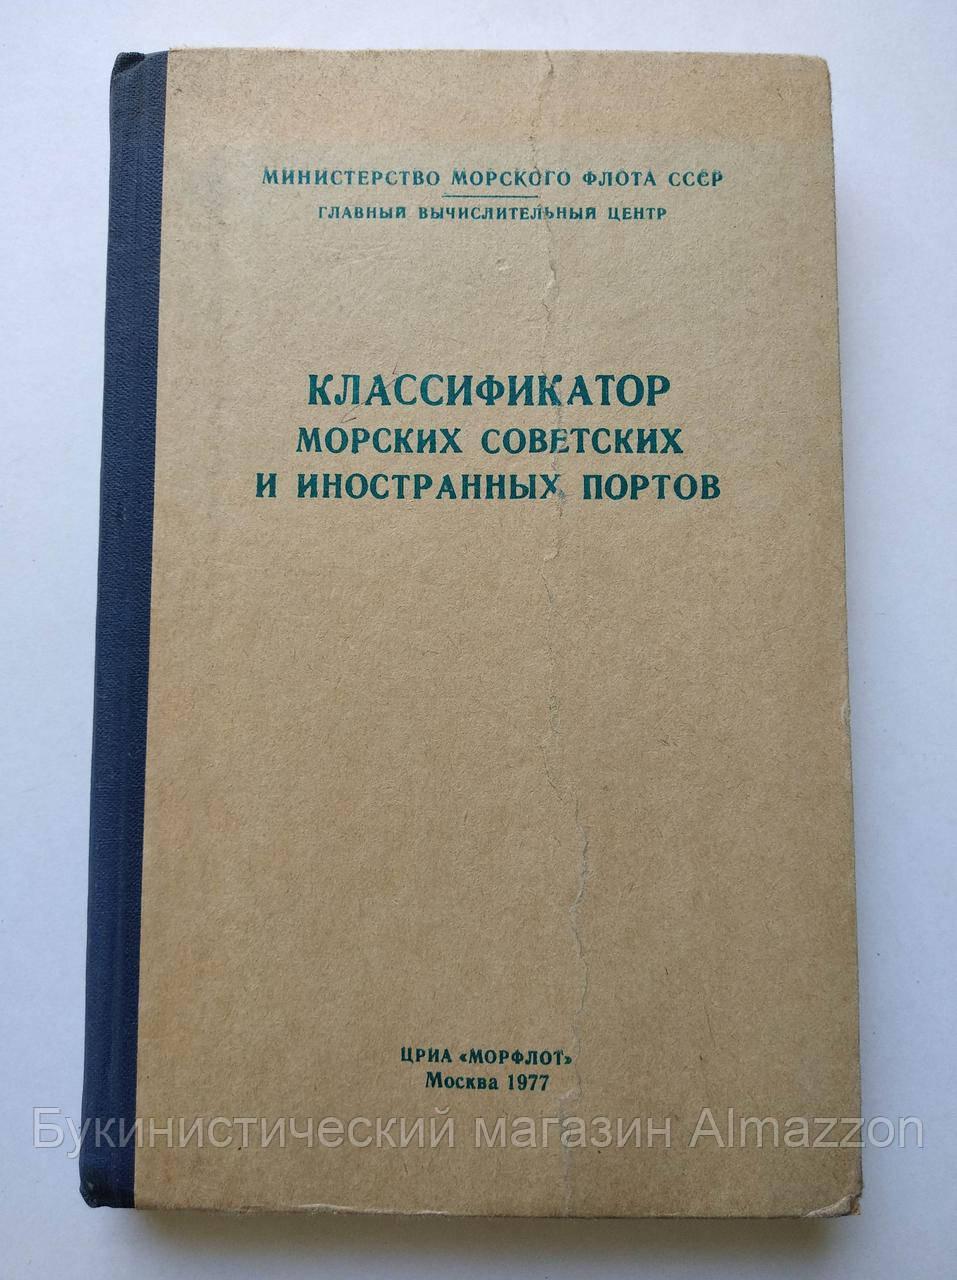 Классификатор морских советских и иностранных портов 1977 год. Морфлот